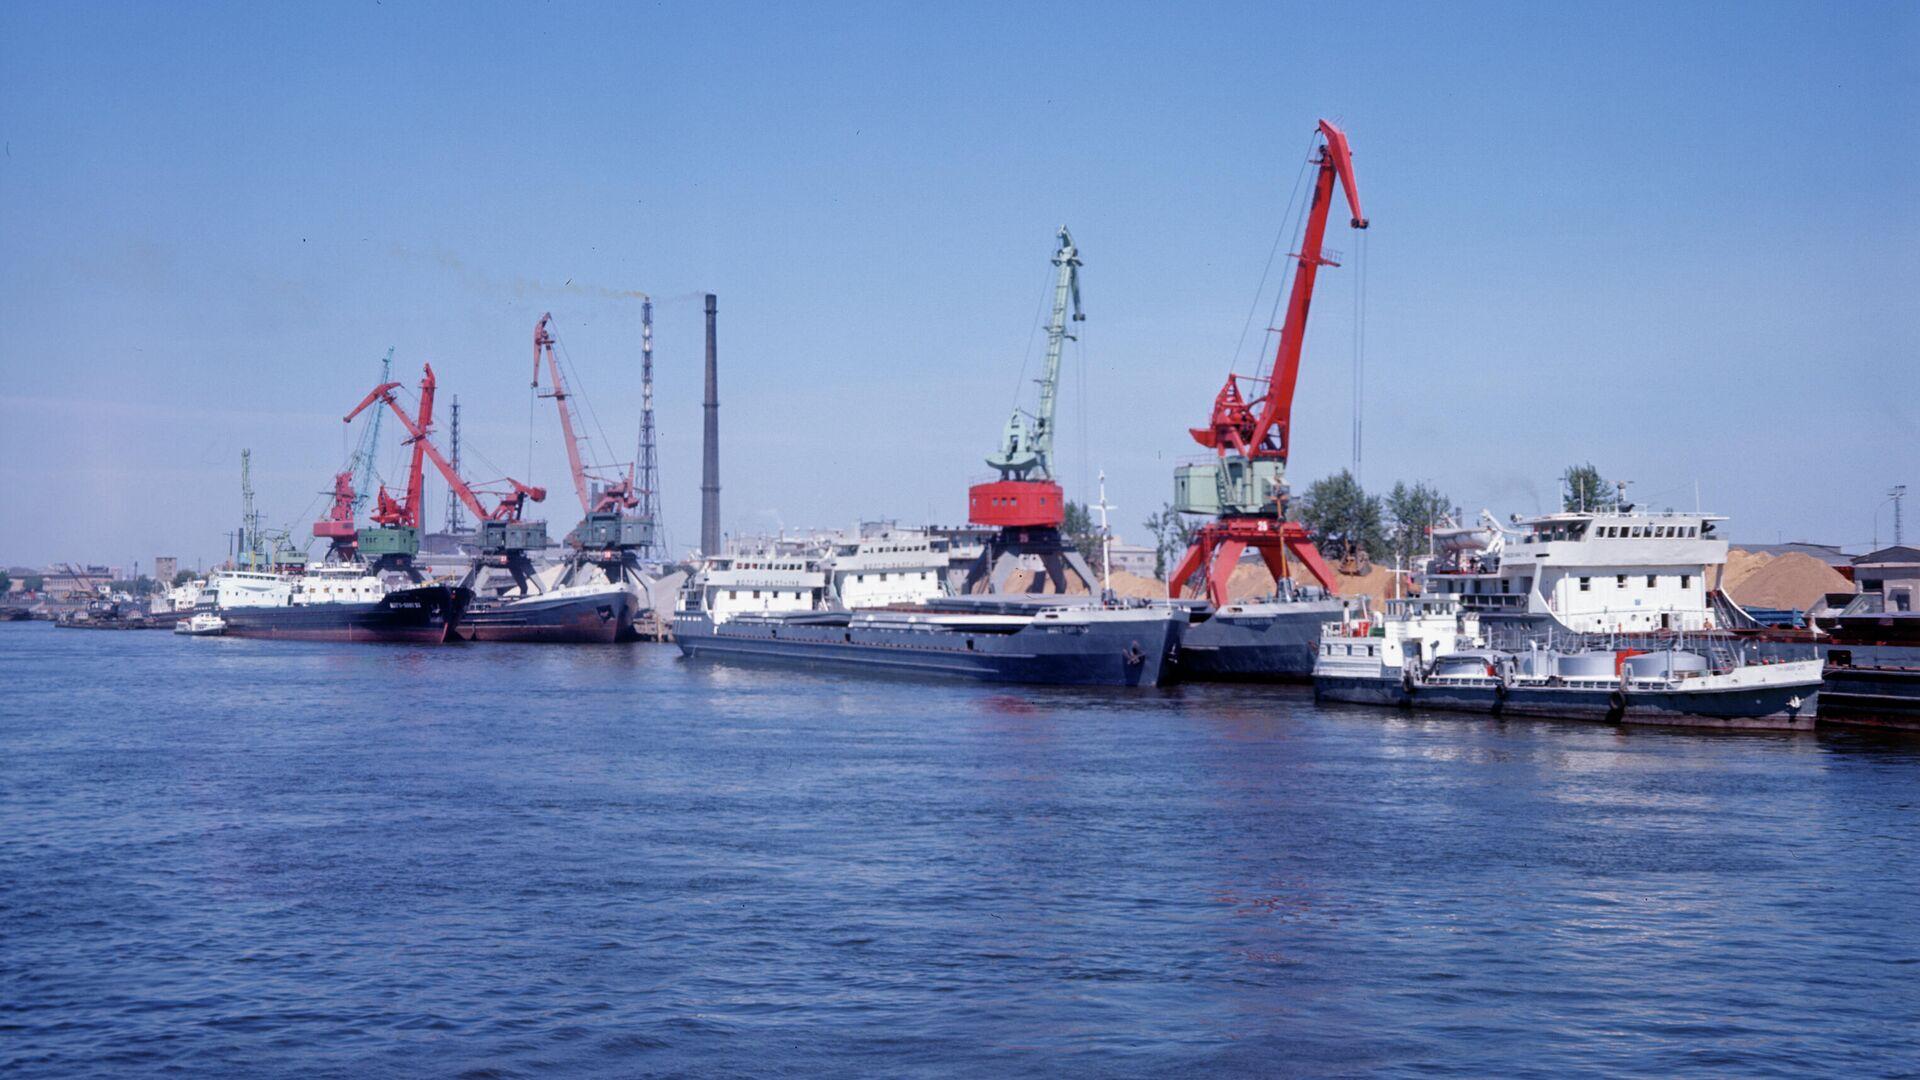 Большой порт Санкт-Петербург - РИА Новости, 1920, 19.04.2021